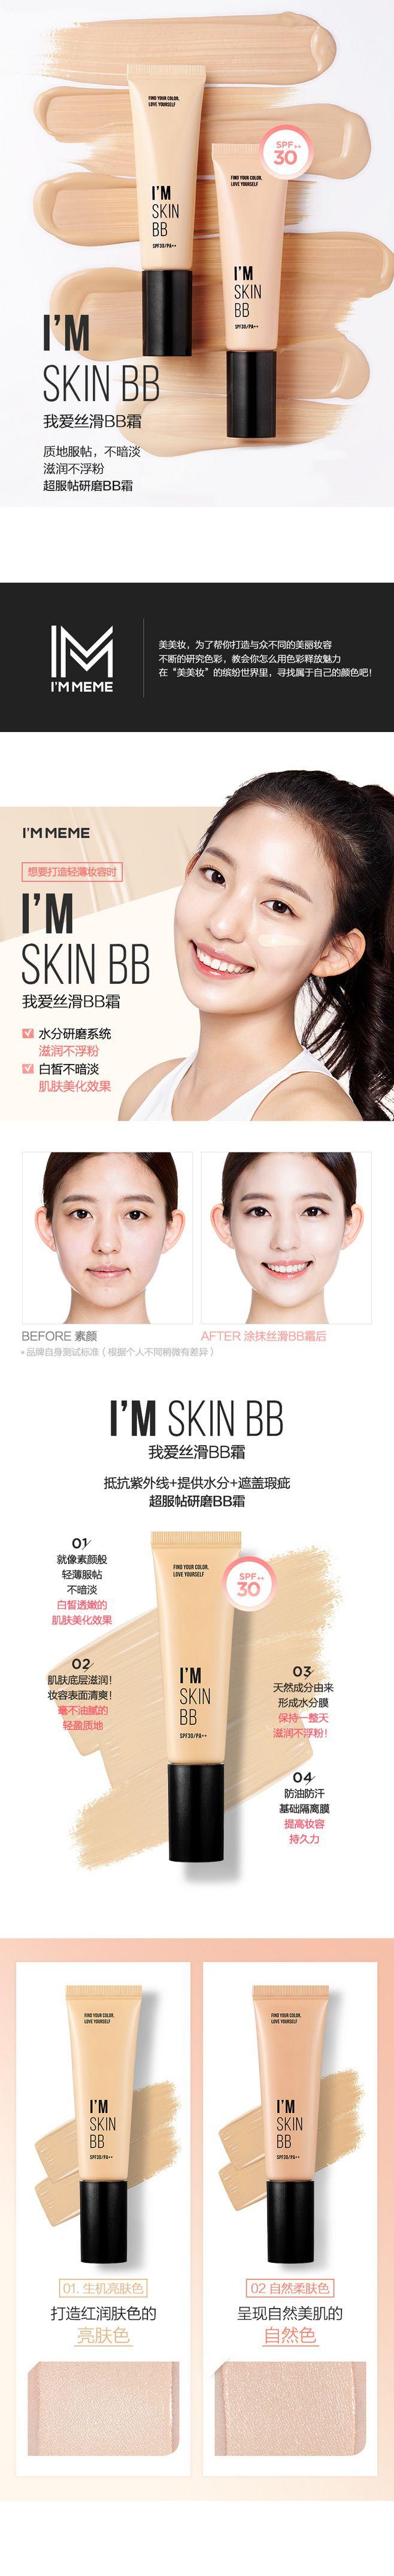 全球No.1韩国化妆品平台  - 美美箱...